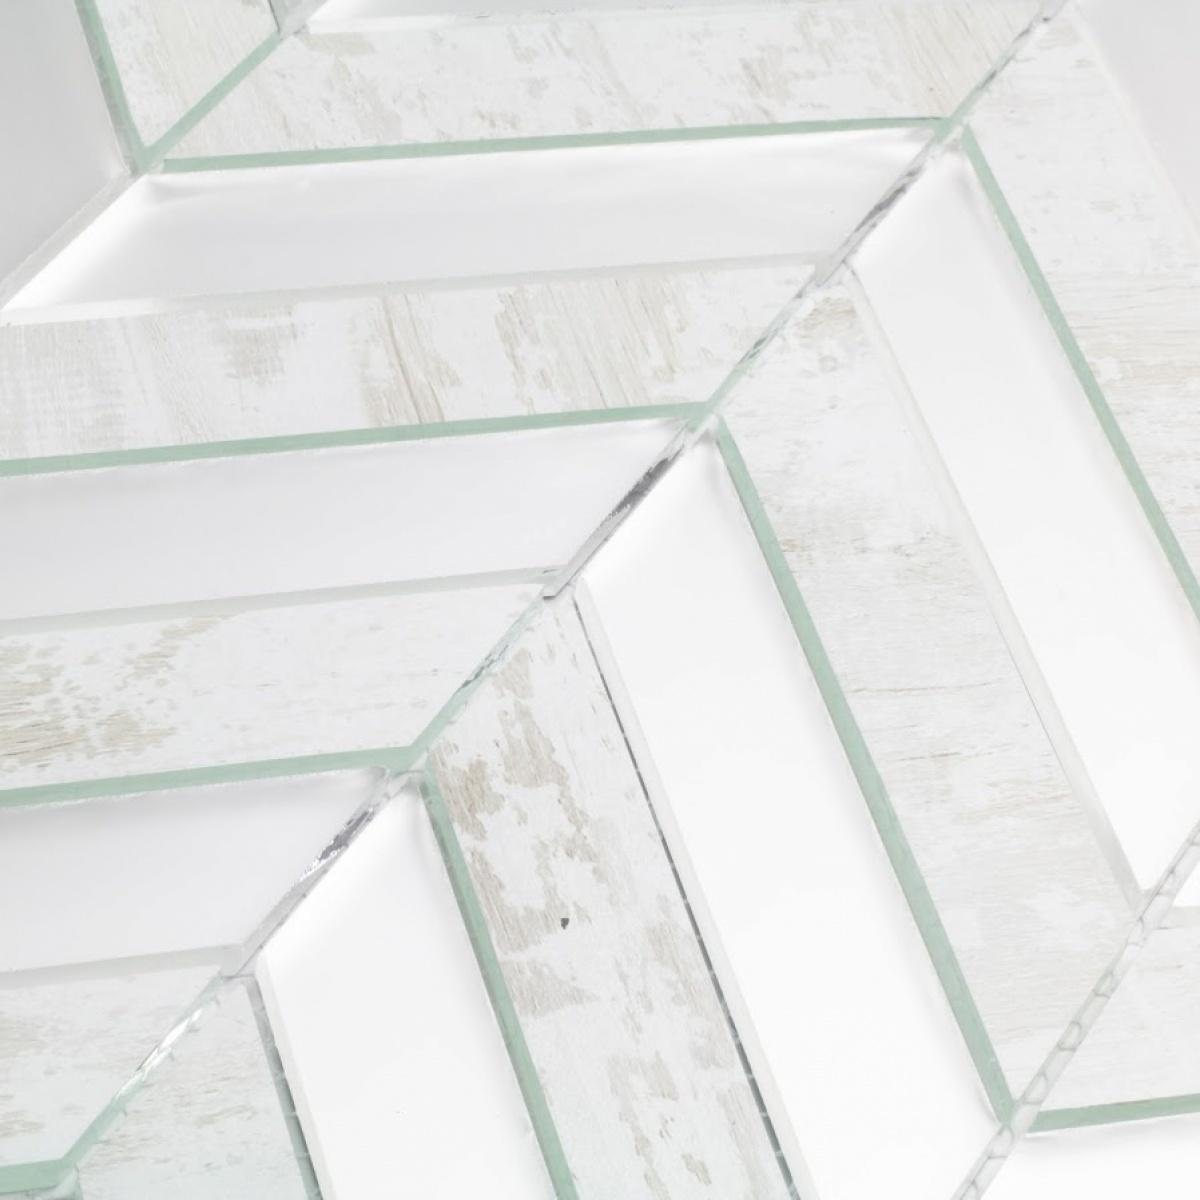 - Musico 1 In X 4 In Glass Herringbone Mosaic In BIRCHWOOD WHITE Blend